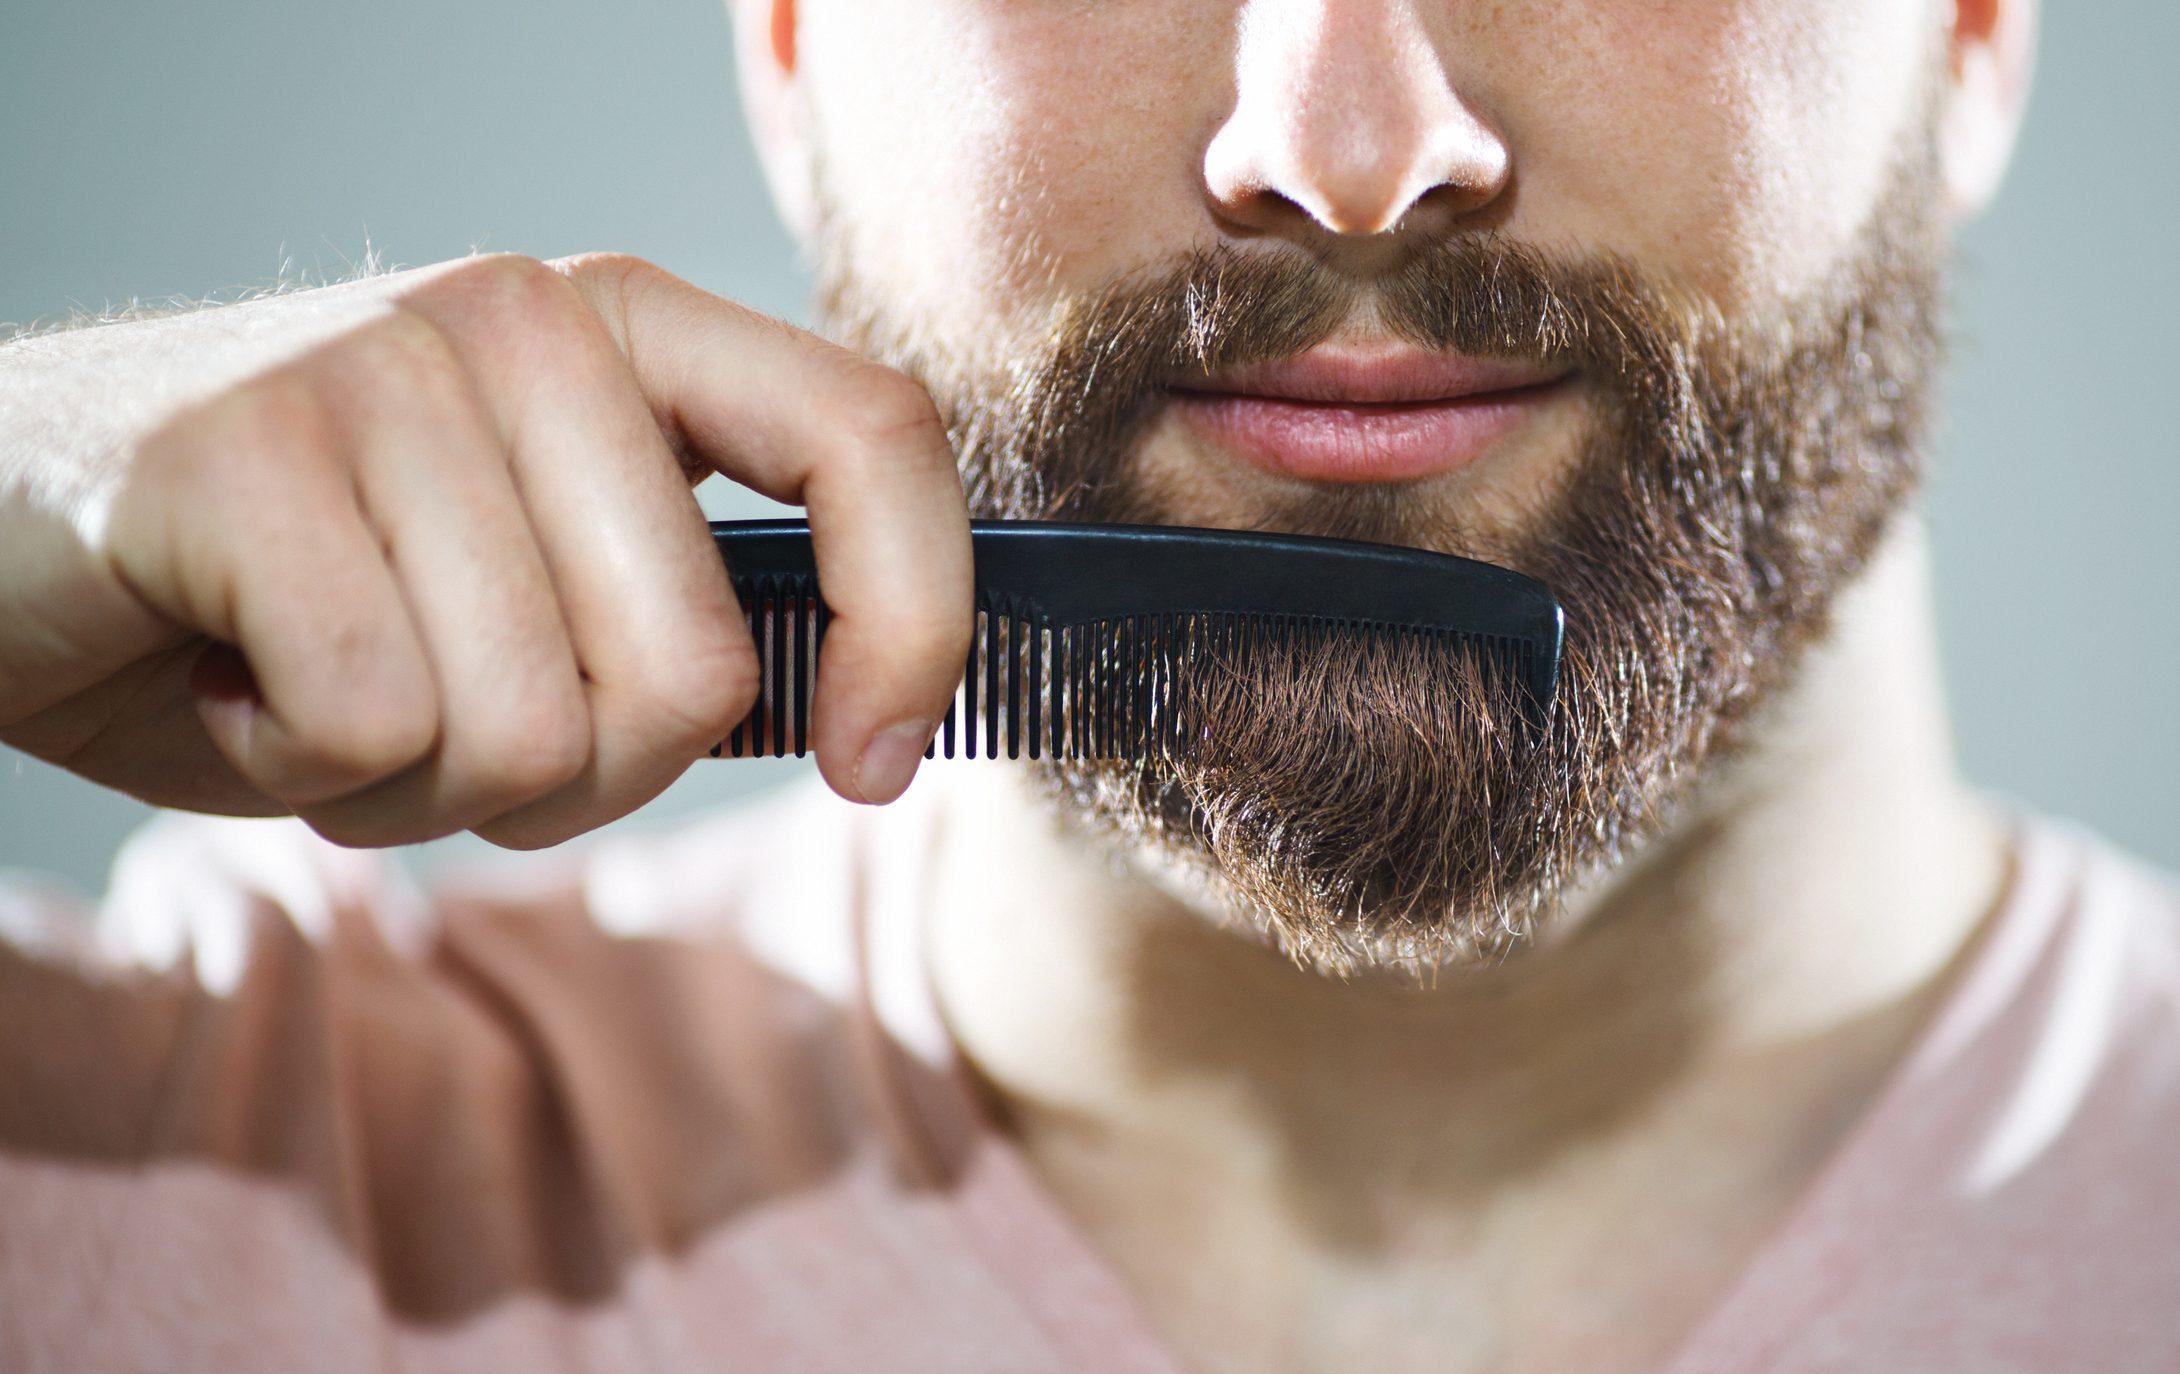 Casa Troppo Calda Rimedi 10 rimedi naturali per curare la barba in casa   ohga!